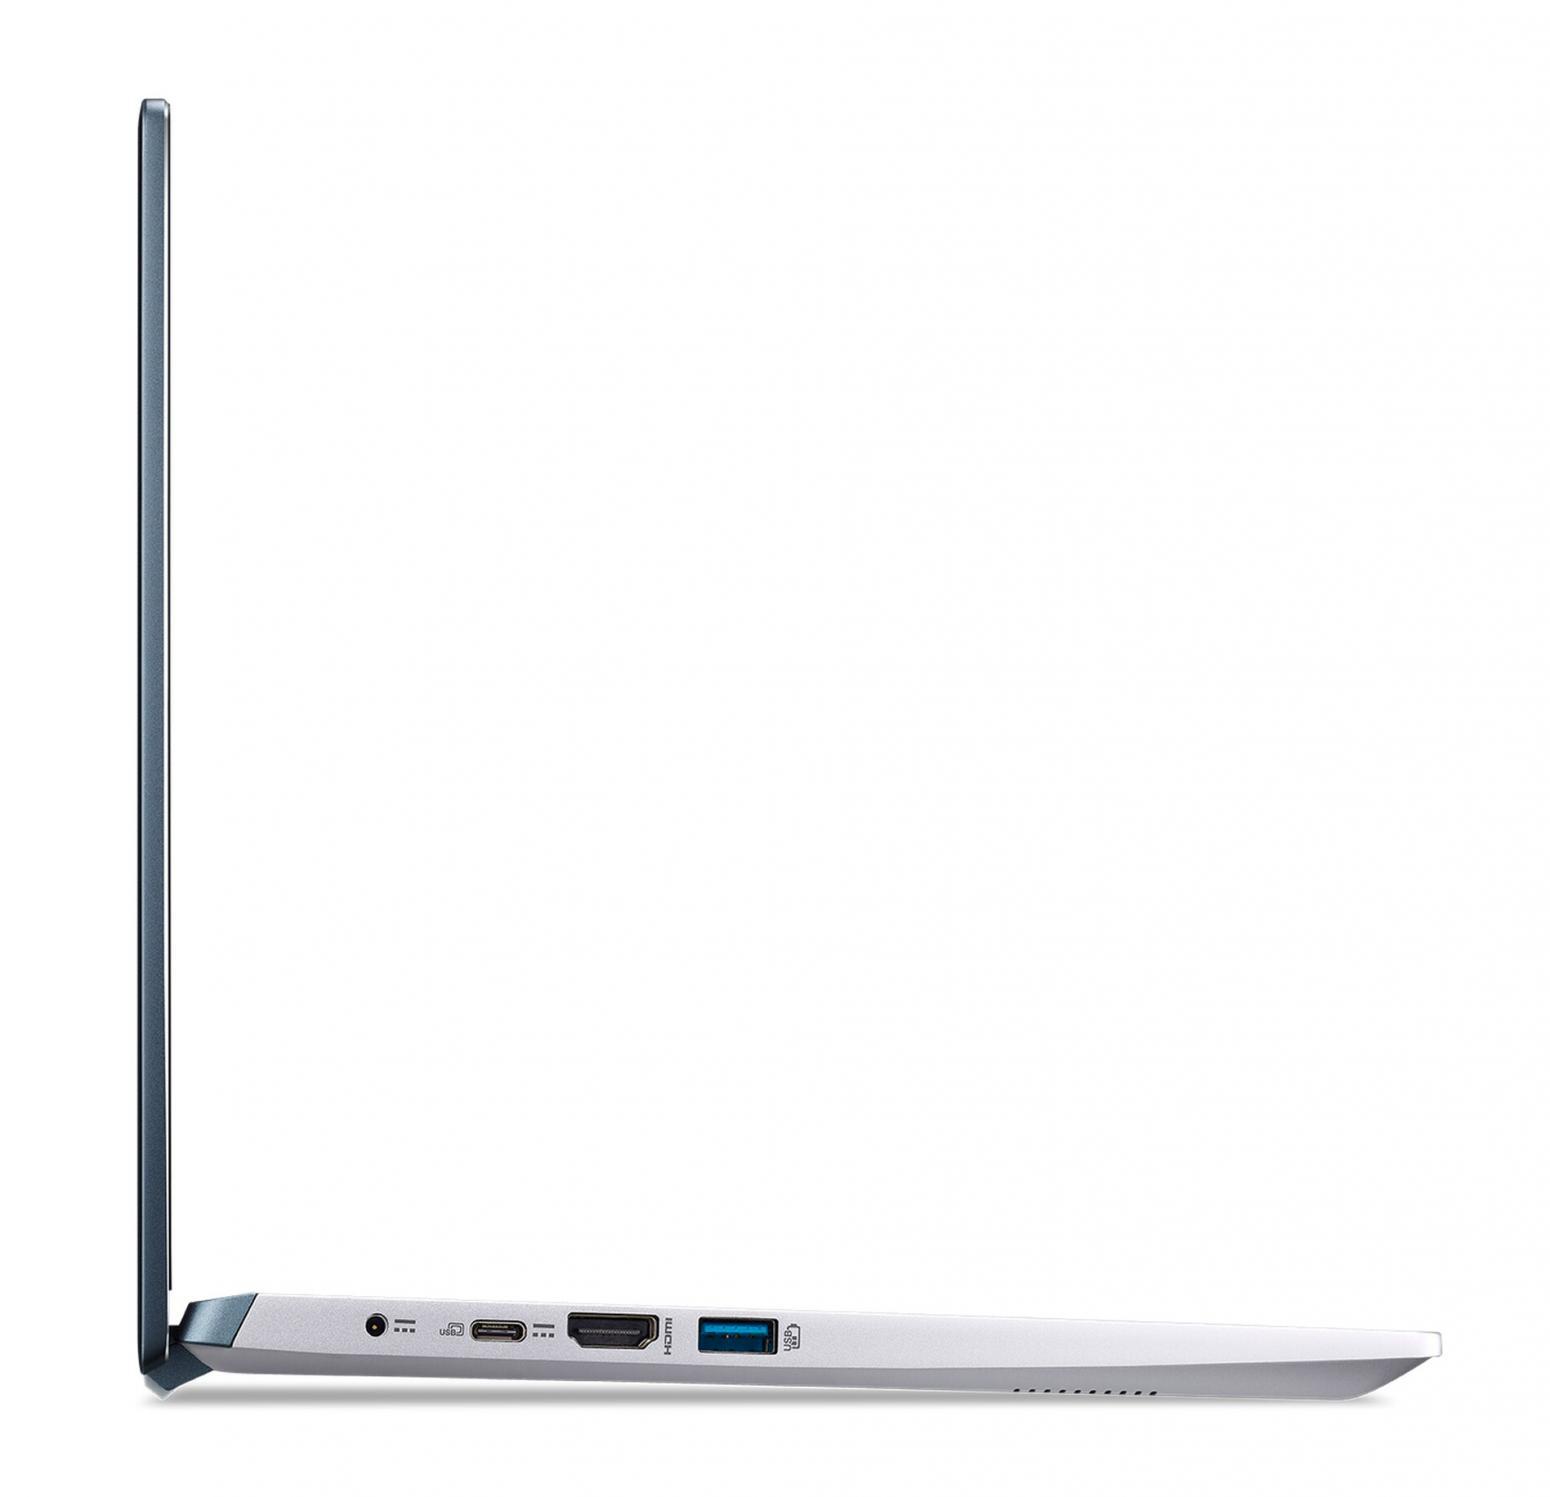 Ordinateur portable Acer Swift X SFX14-41G-R8U0 Argent/Bleu - GTX 1650, Pro - photo 3